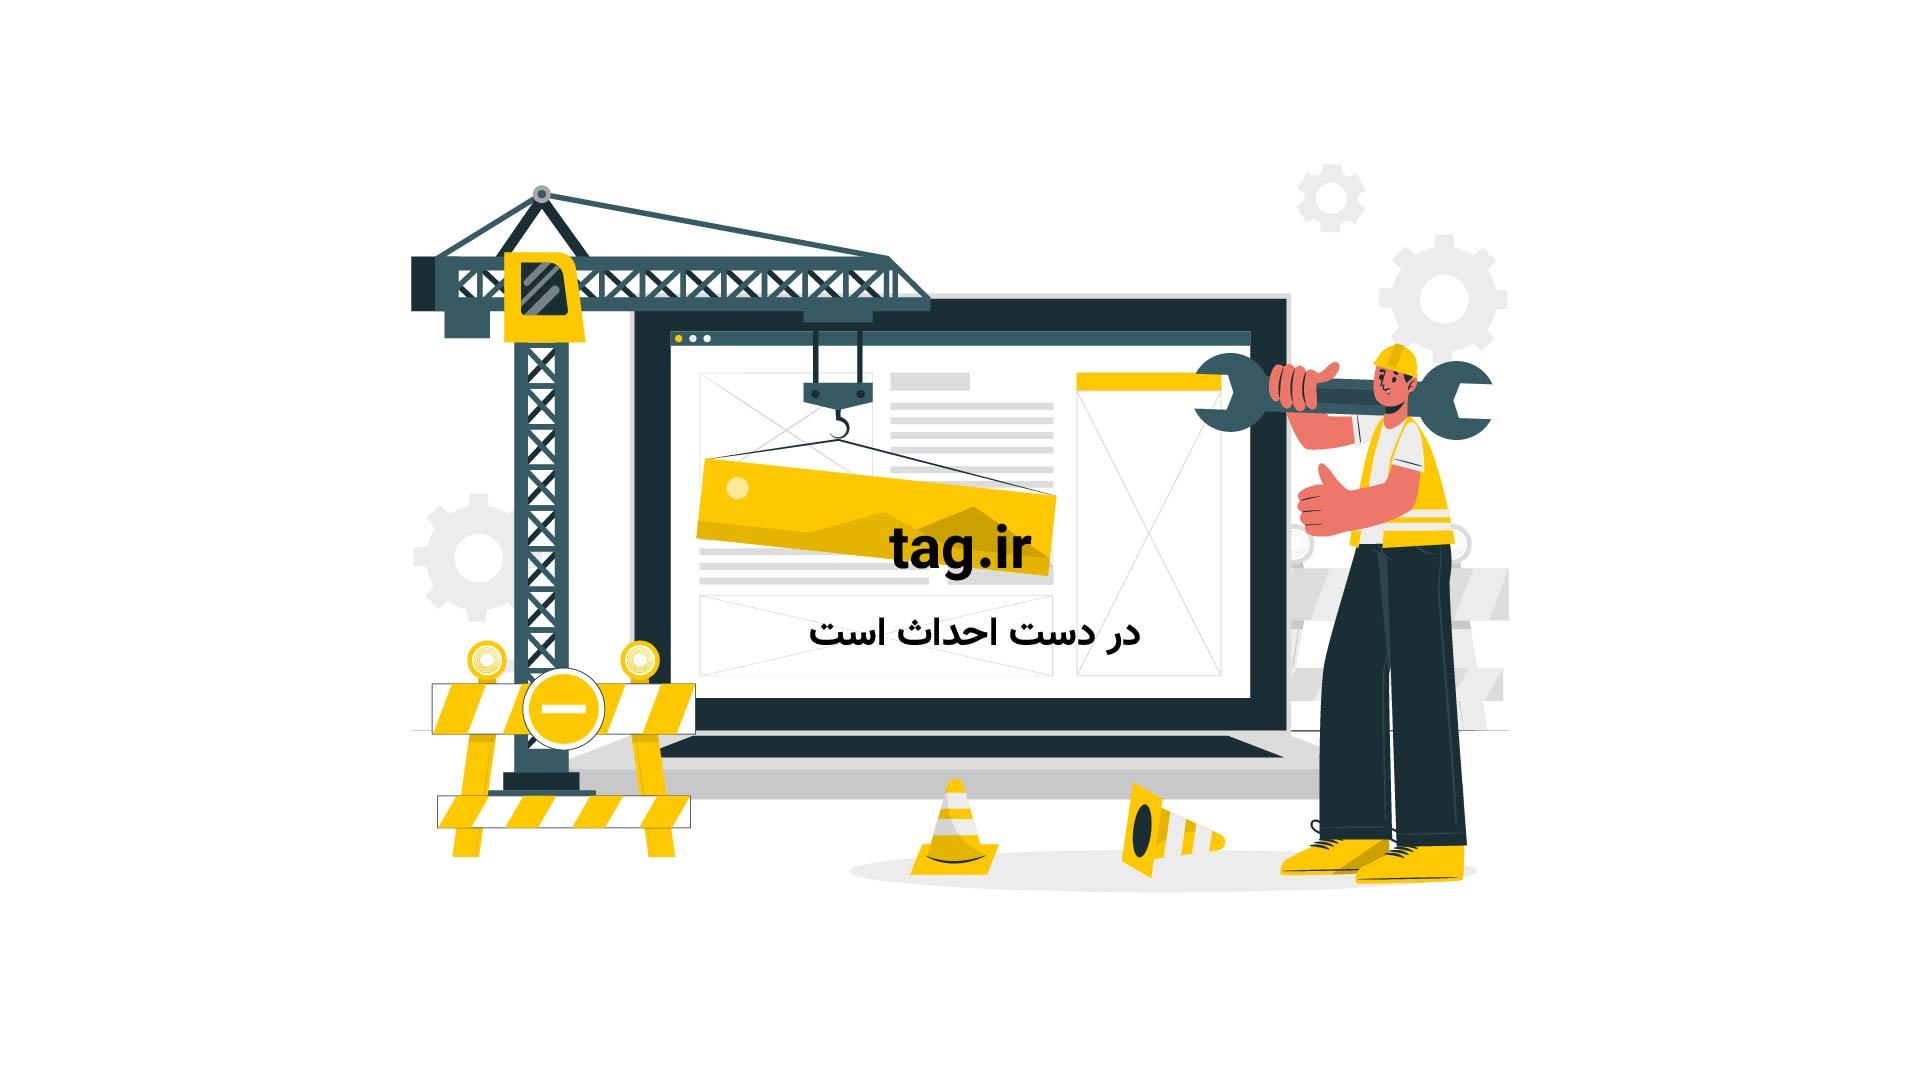 آزمایش بمب هیدروژنی توسط کره شمالی | فیلم